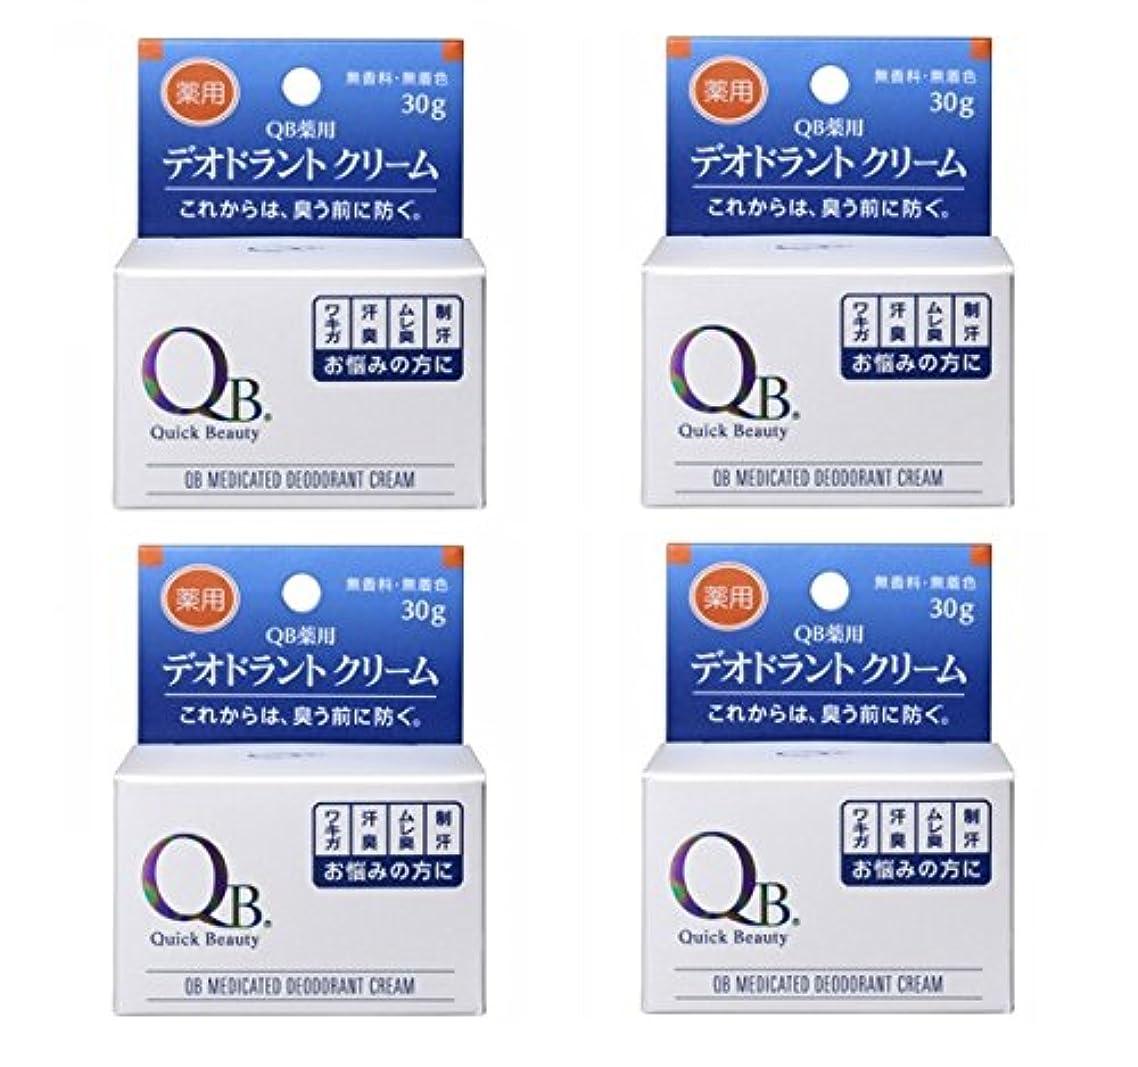 ひねくれたキャロラインライバル【×4個】 QB 薬用デオドラントクリーム 30g 【国内正規品】